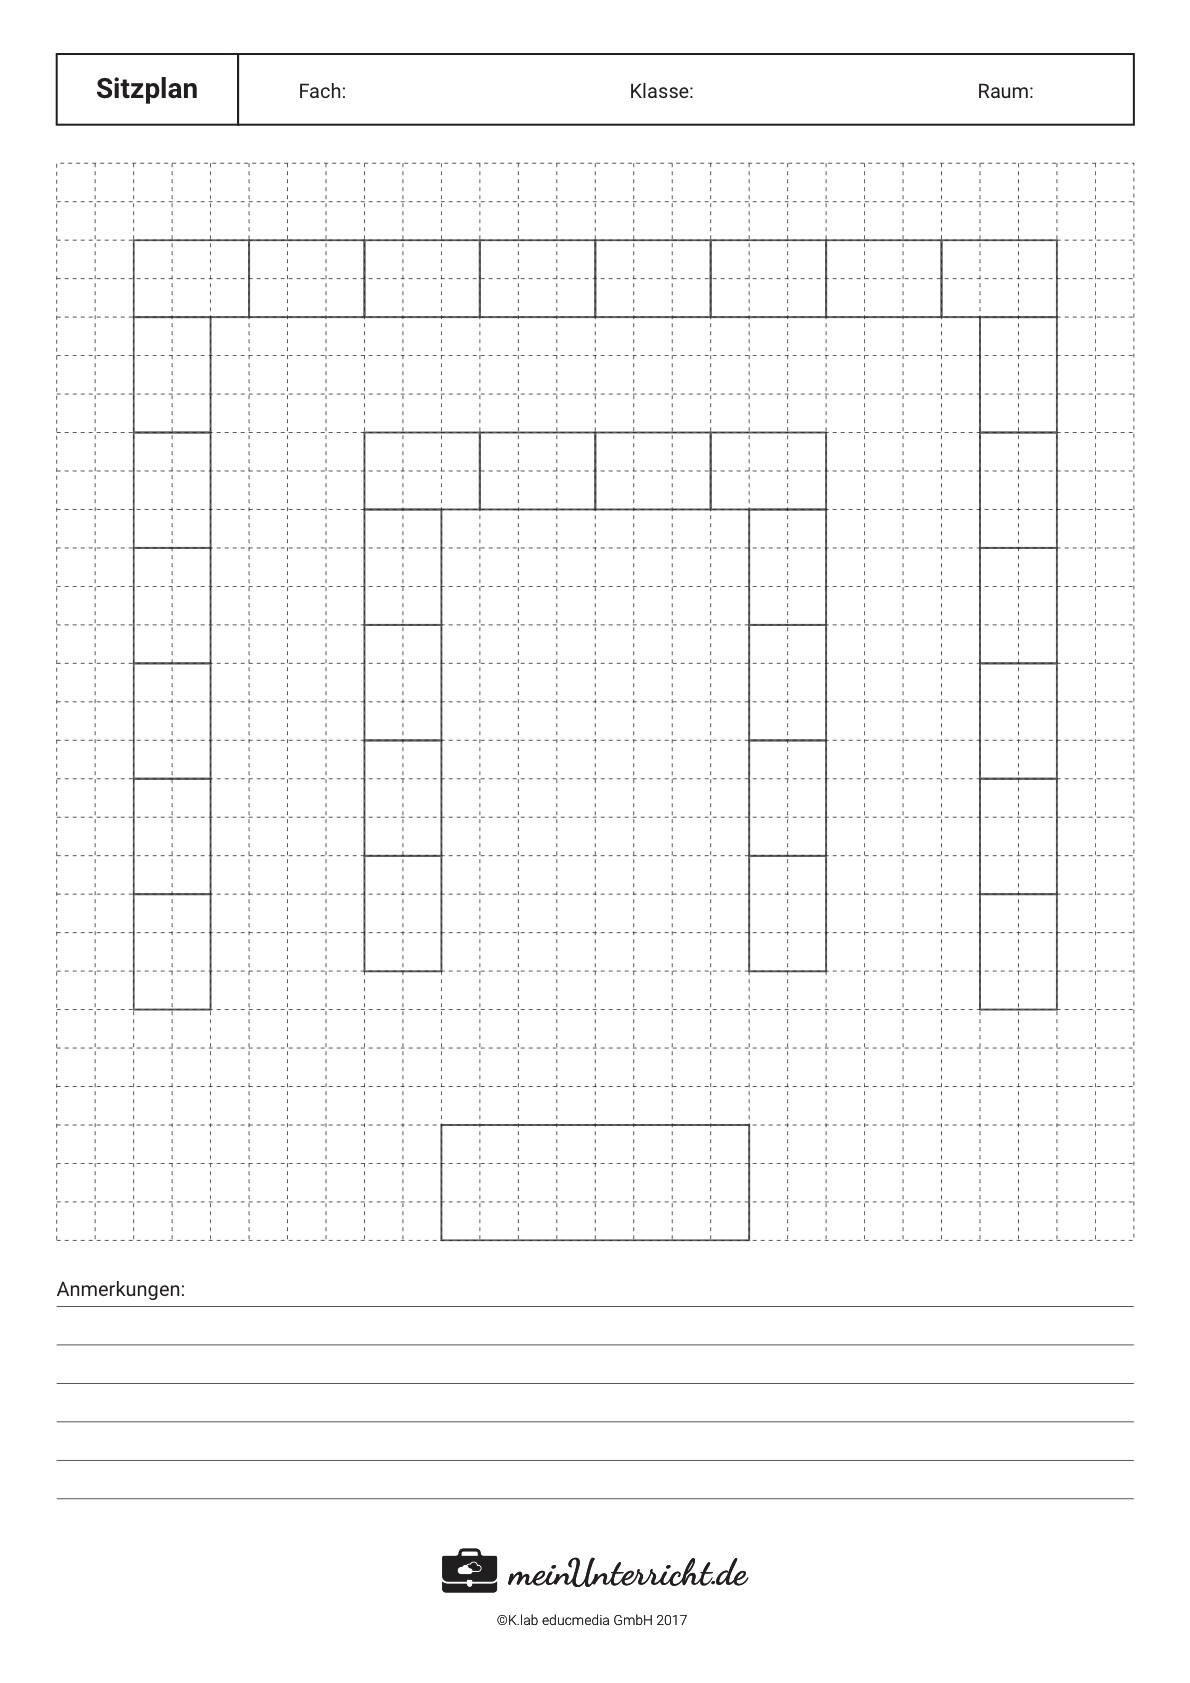 Sitzordnung in der Schule: Die doppelte U-Form